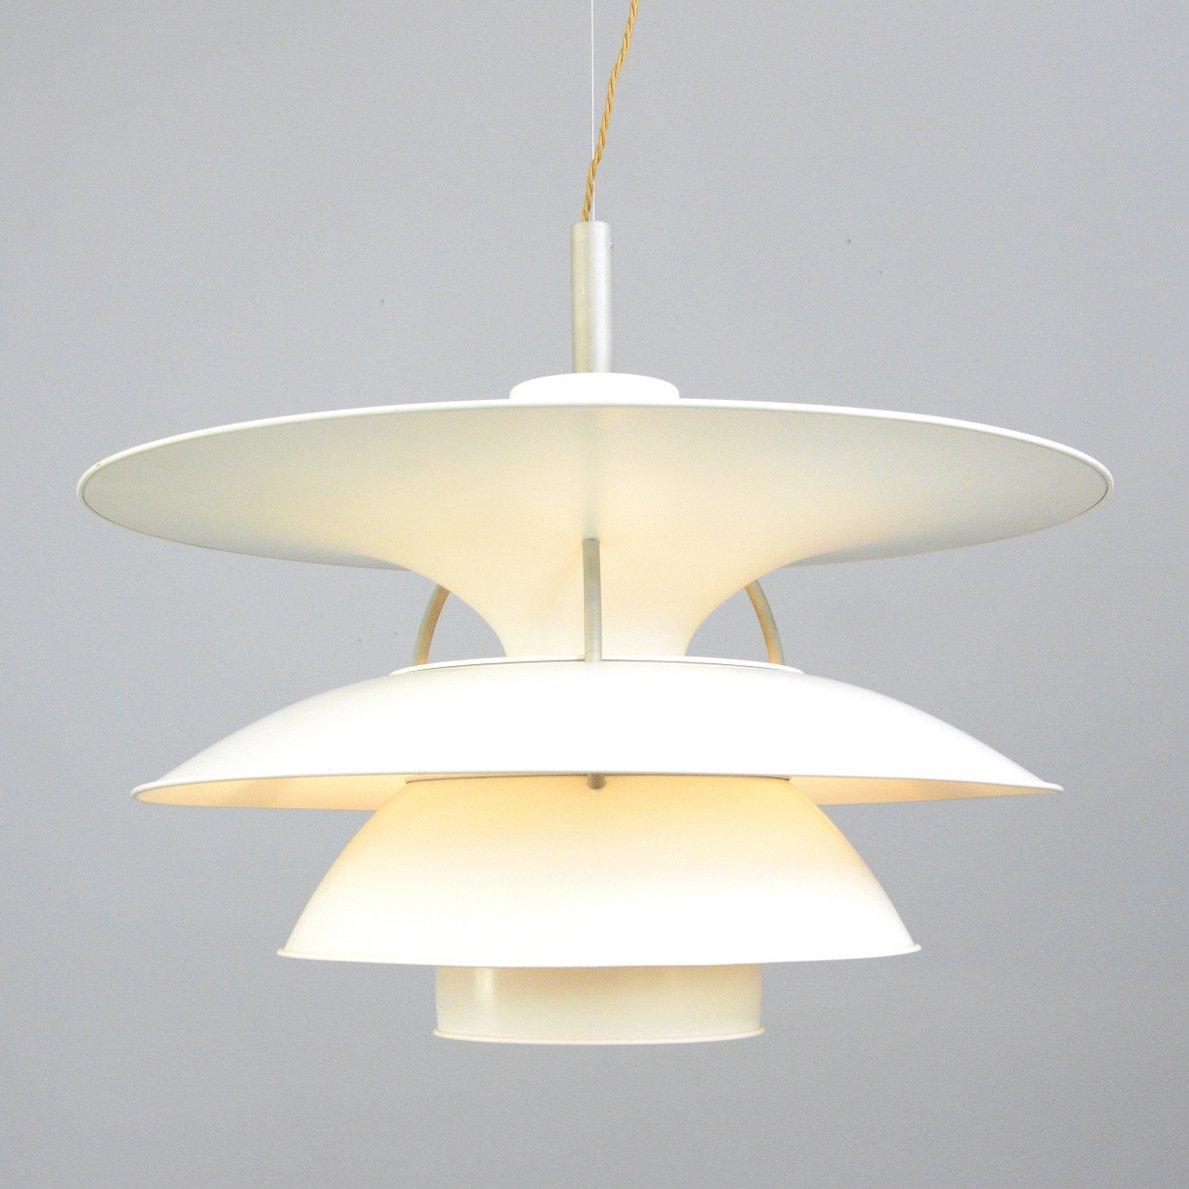 model ph6 pendant light by louis poulsen circa 1960s